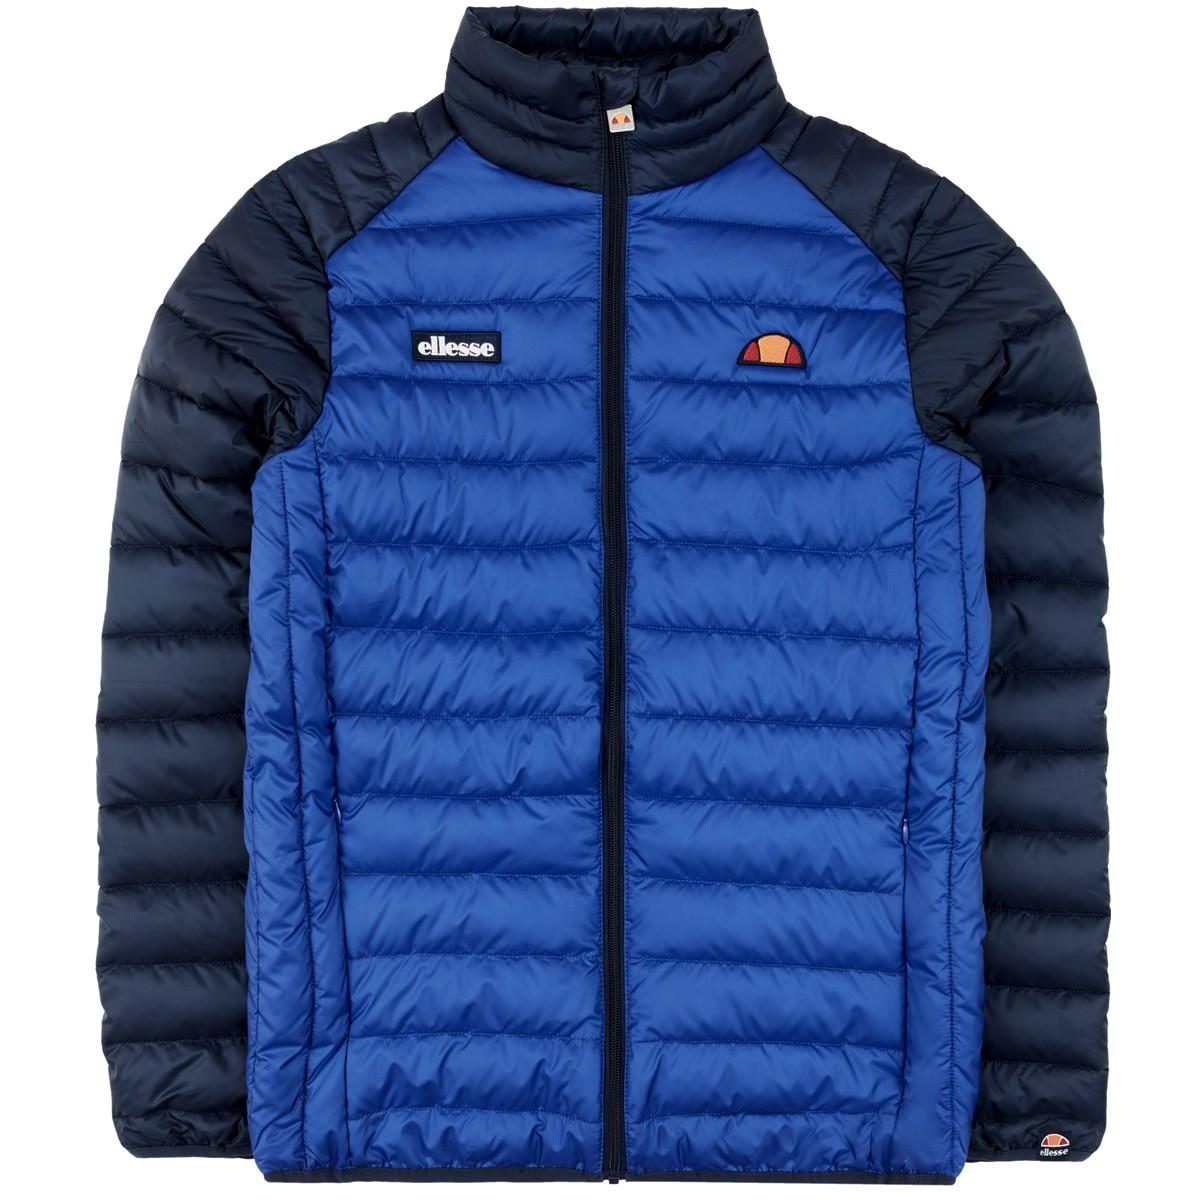 taille 40 0750f c56f4 DOUDOUNE ELLESSE TARTARO - ELLESSE - Homme - Vêtements ...